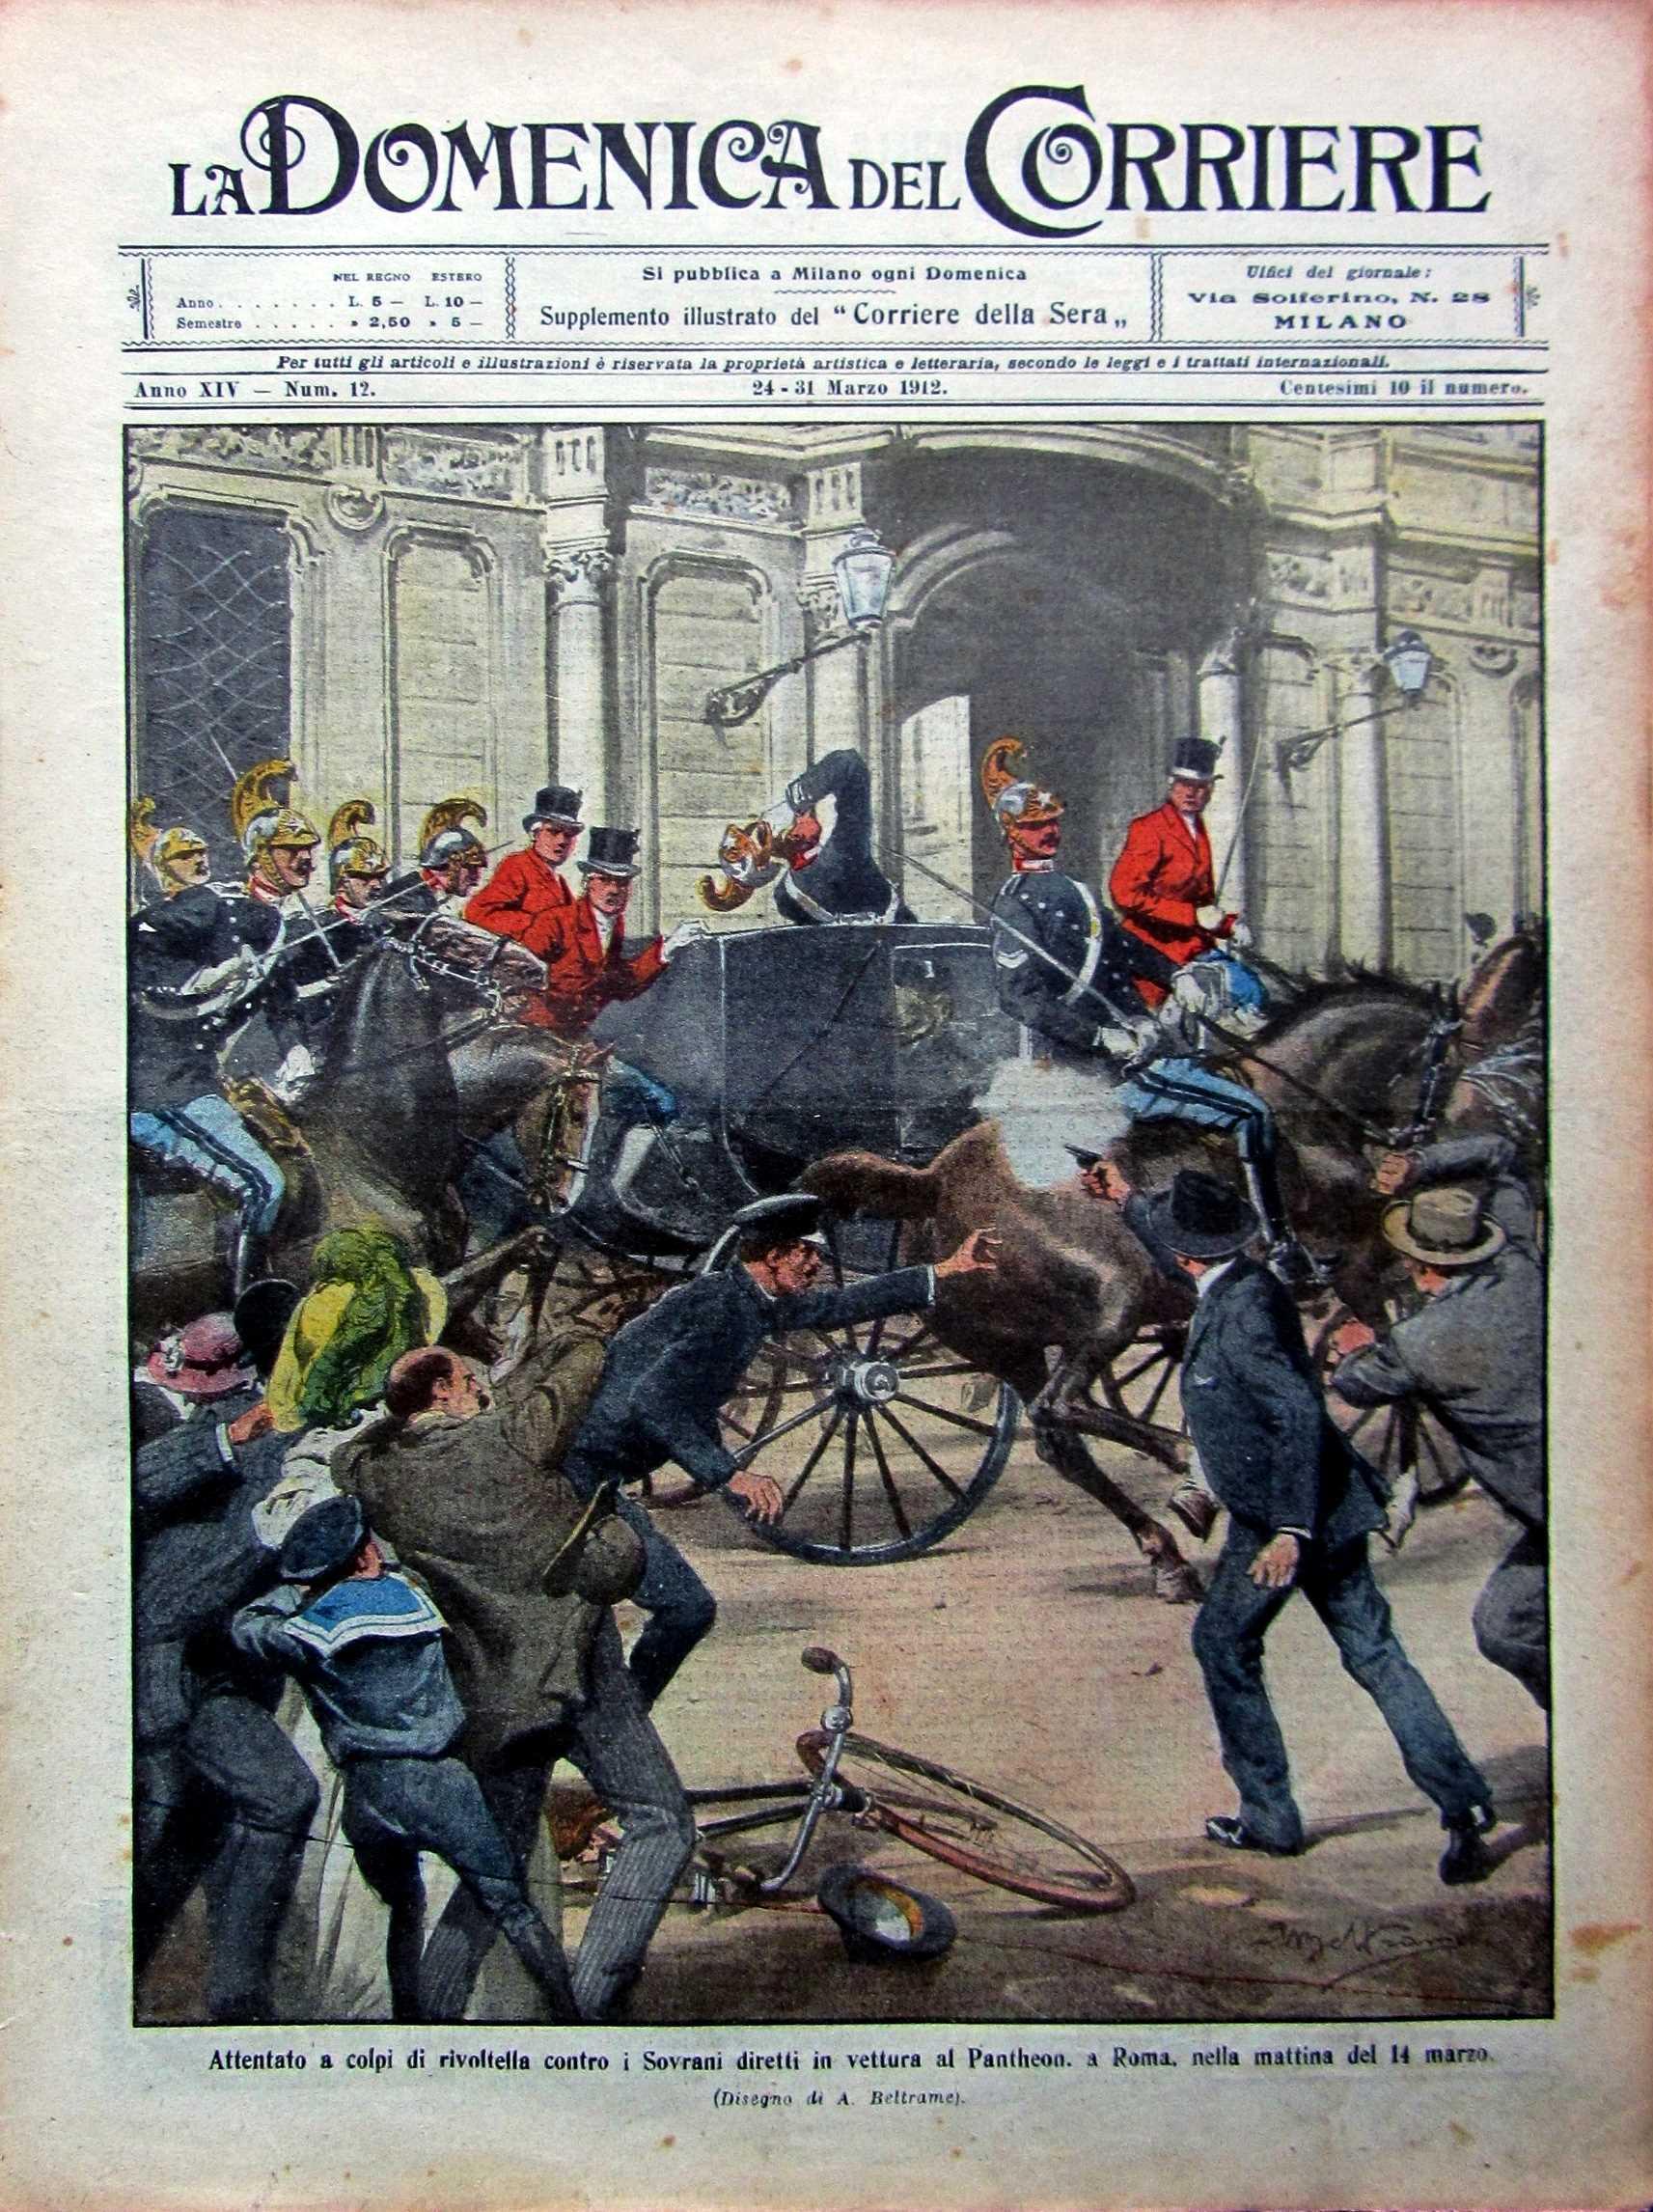 """L'atemptat contra el rei Víctor Manuel III d'Itàlia segons el setmanari milanès """"La Domenica del Corriere"""" del 23 de març de 1912"""